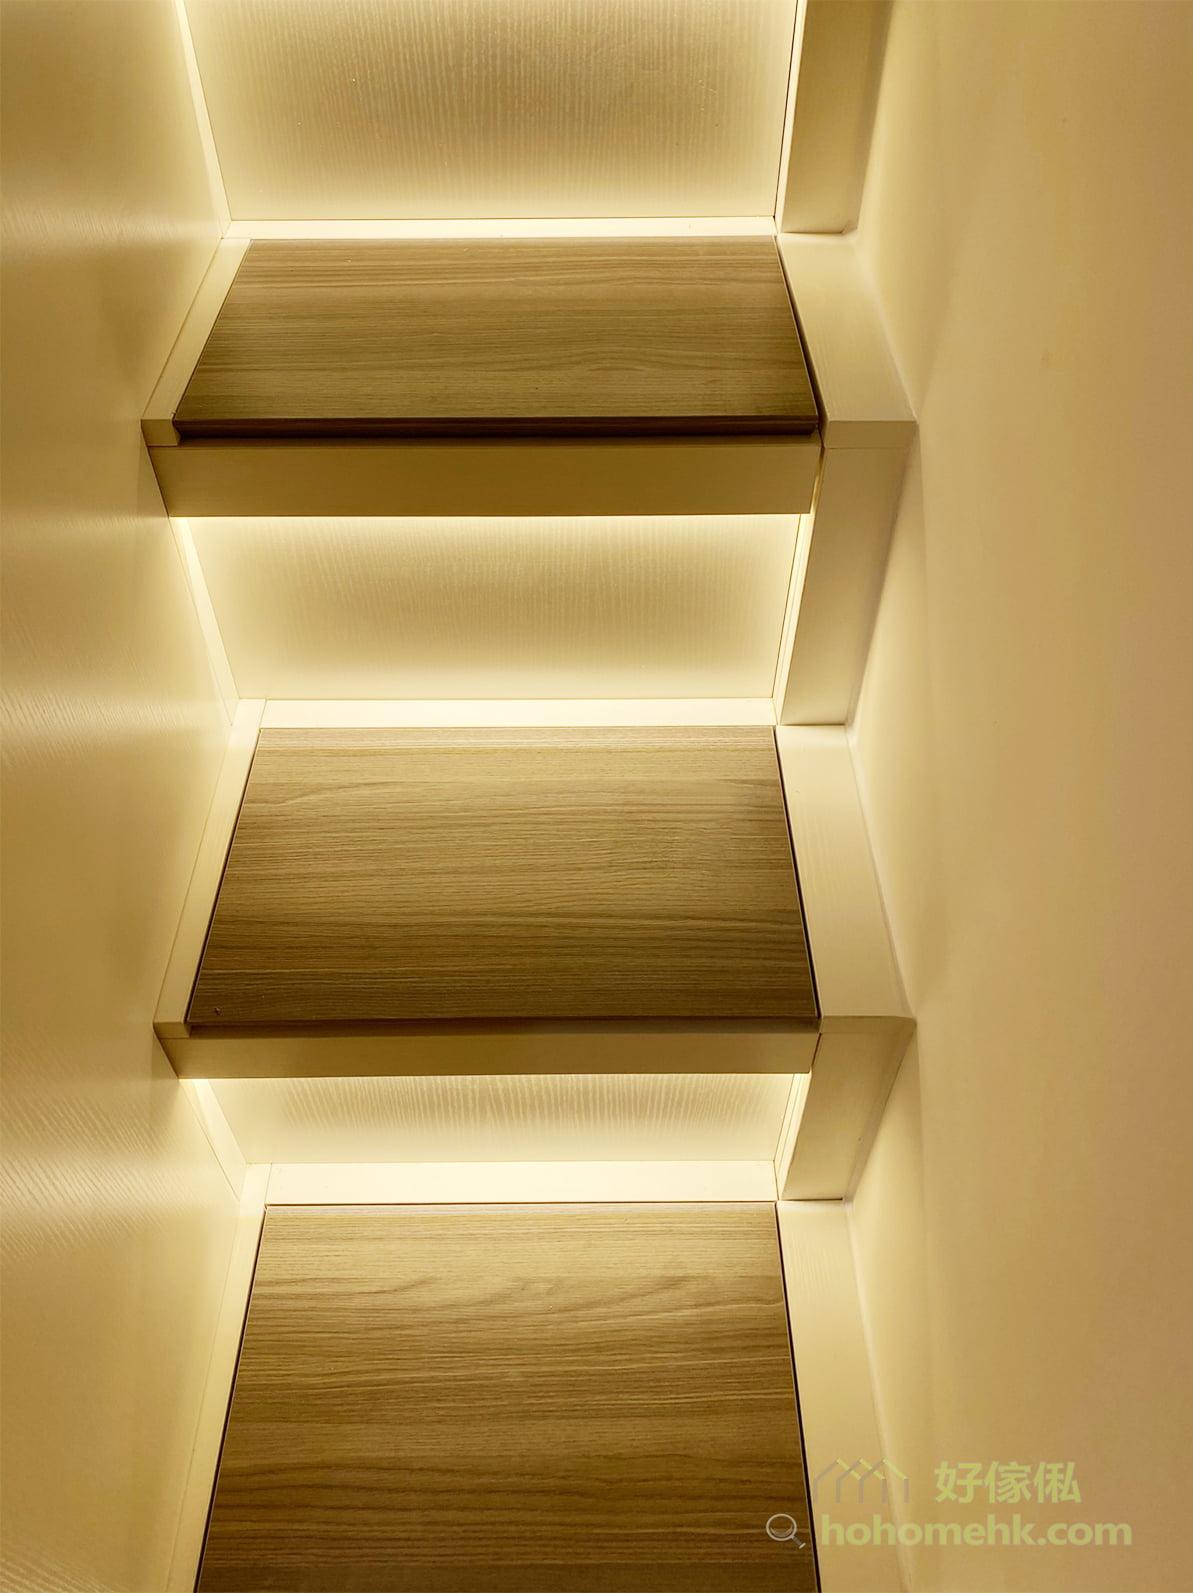 每級樓梯都做成揭板儲物櫃,收納的空間絕對不少,而且可以隨時打開,方便用作收納零碎的日用品